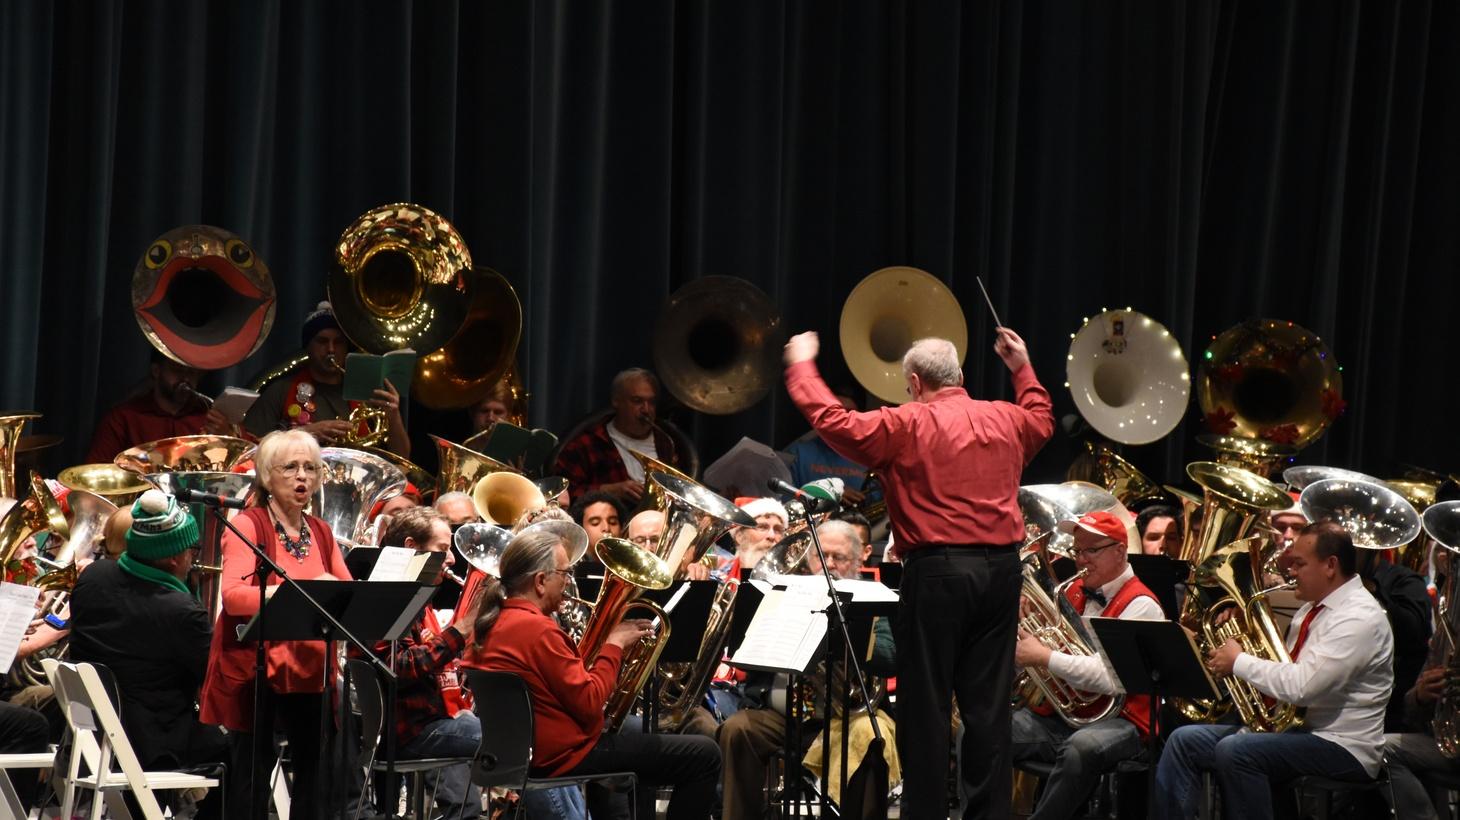 LA Tuba Christmas brings 130 tuba players together to play holiday classics.